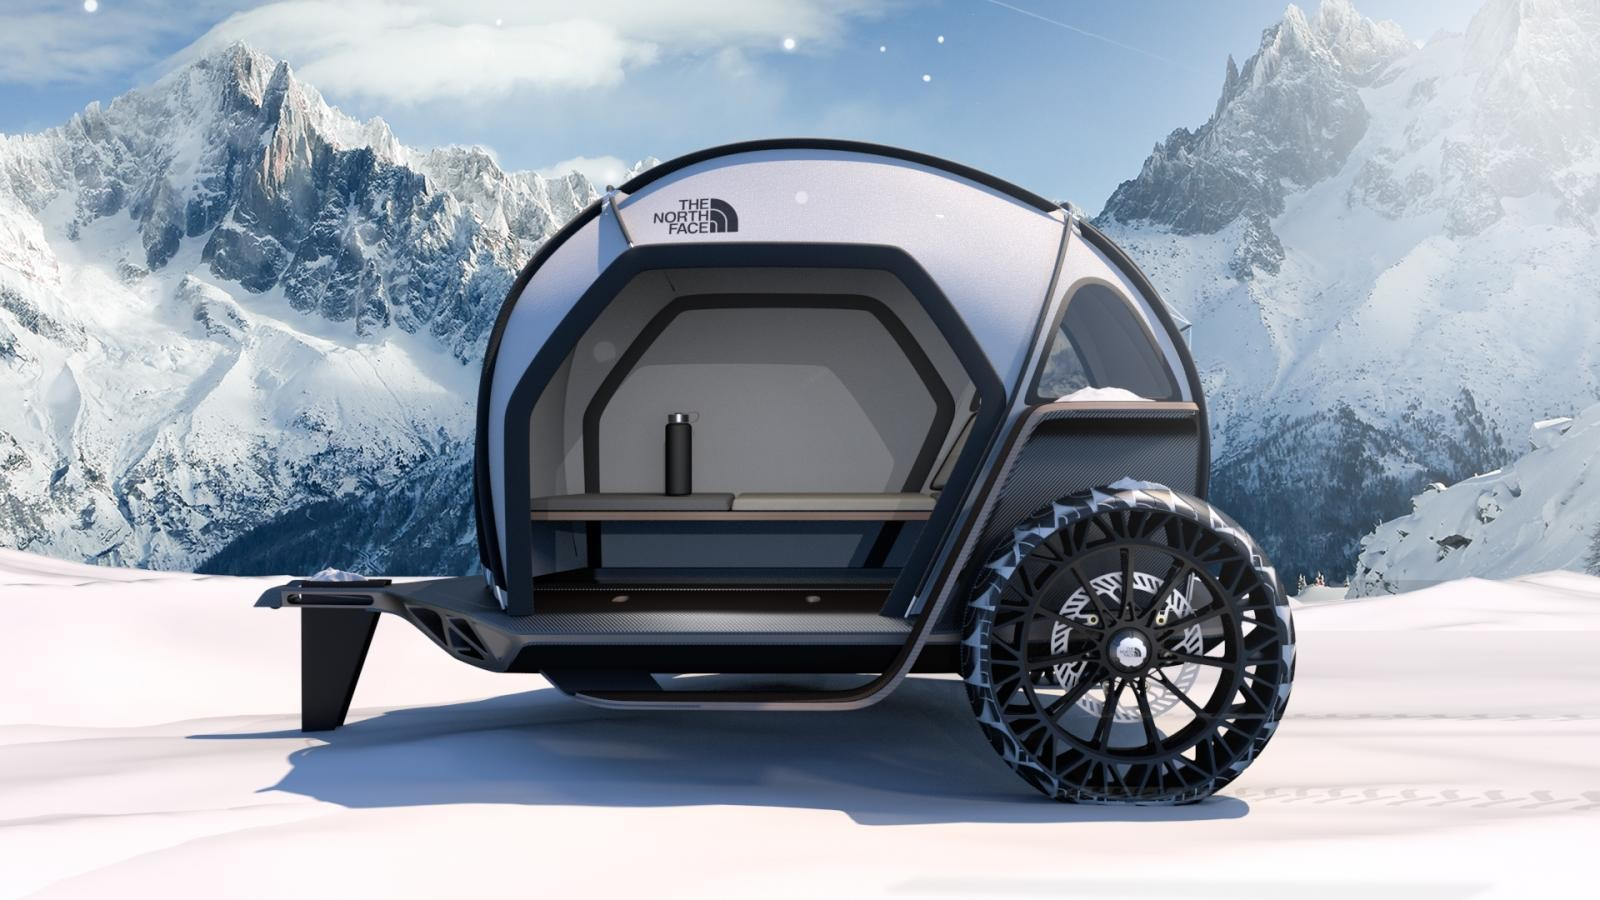 Sản phẩm concept xe cắm trại của Designworks và The North Face